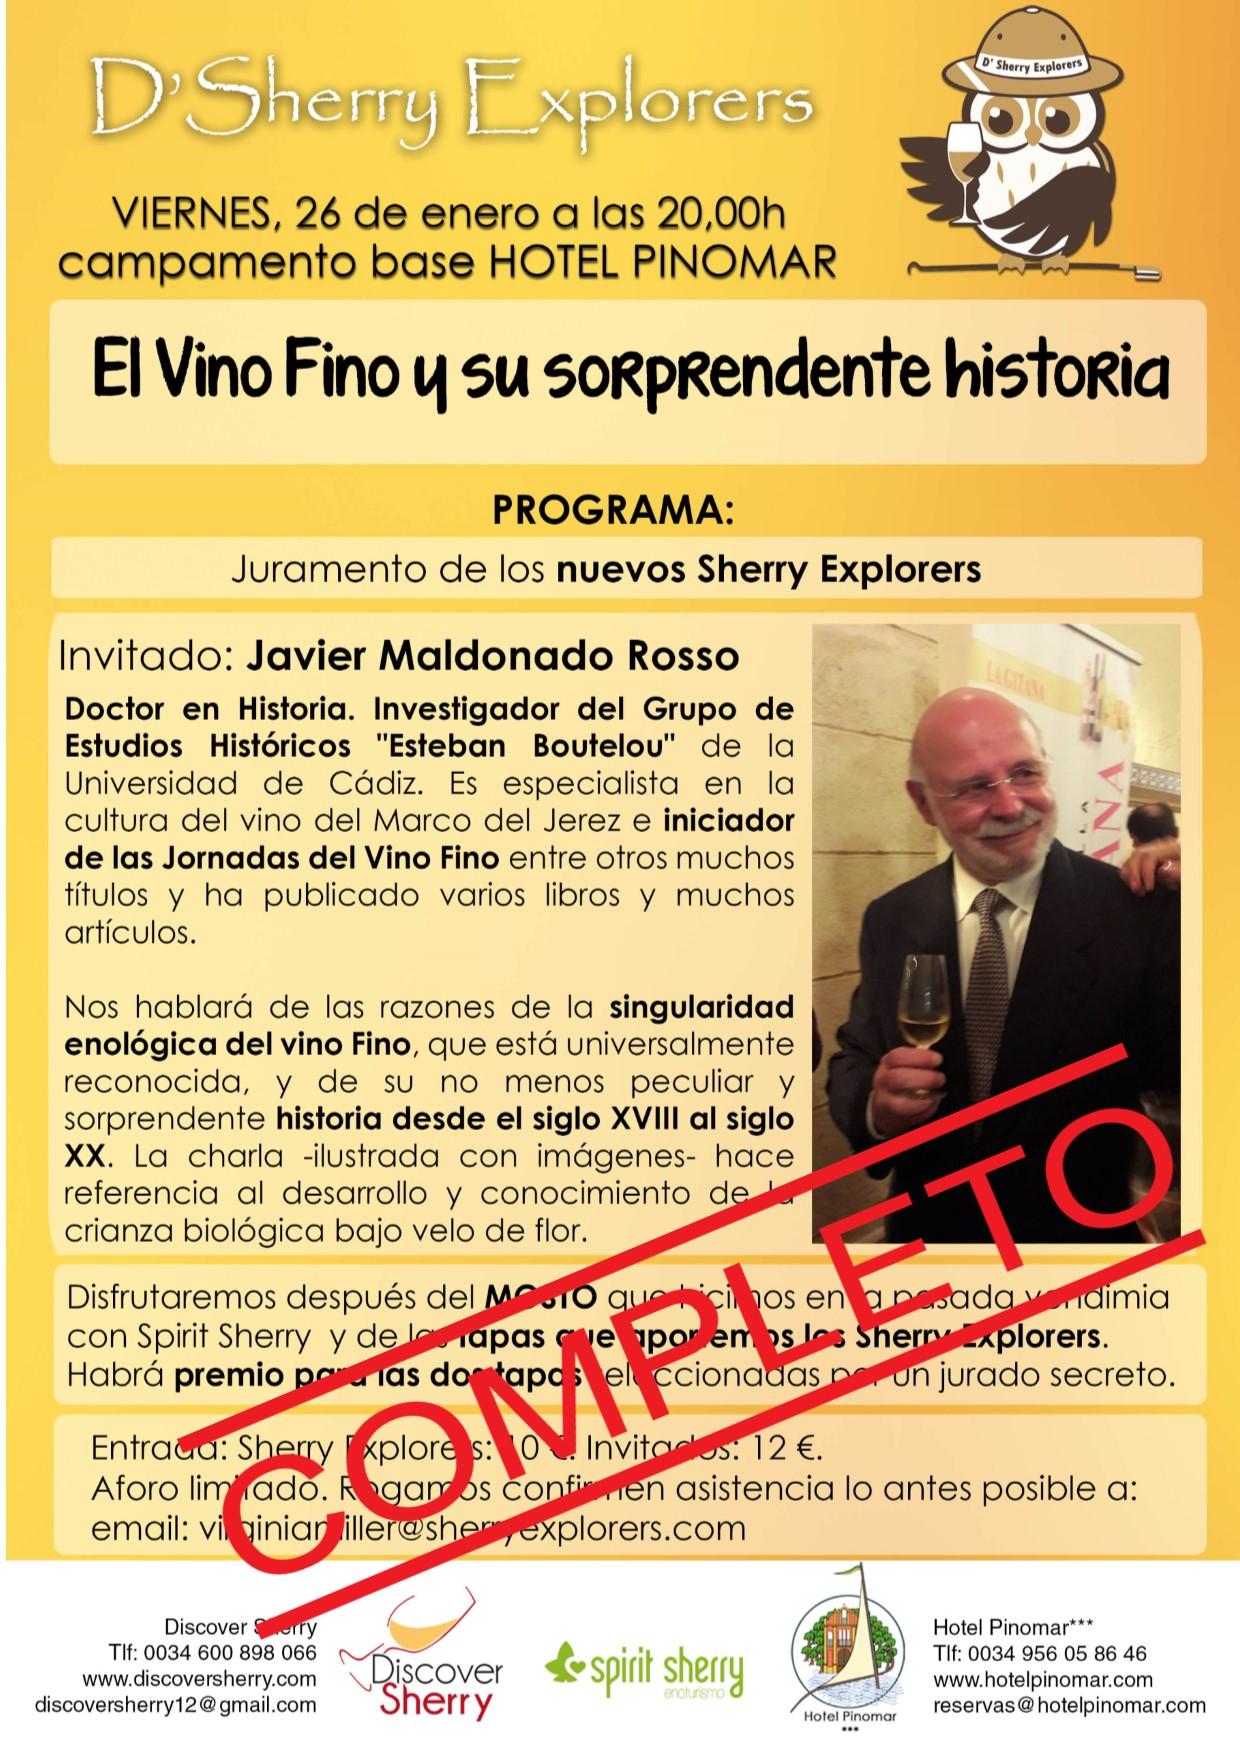 COMPLETO el aforo de la próxima reunión de los Sherry Explorers(Spanish)